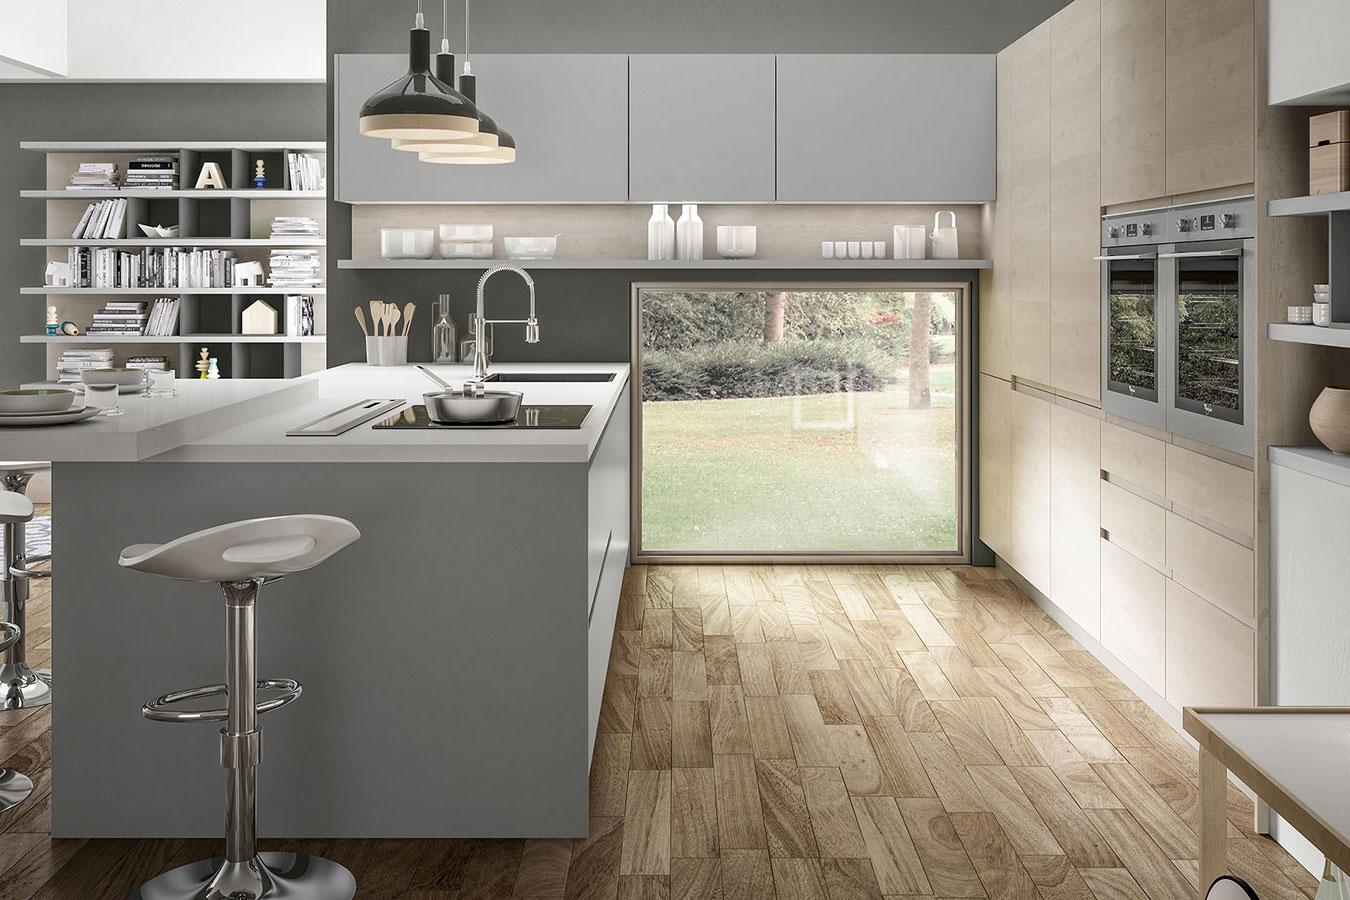 Cucina wega di arredo3 righetti mobili novara for Oggettistica cucina online